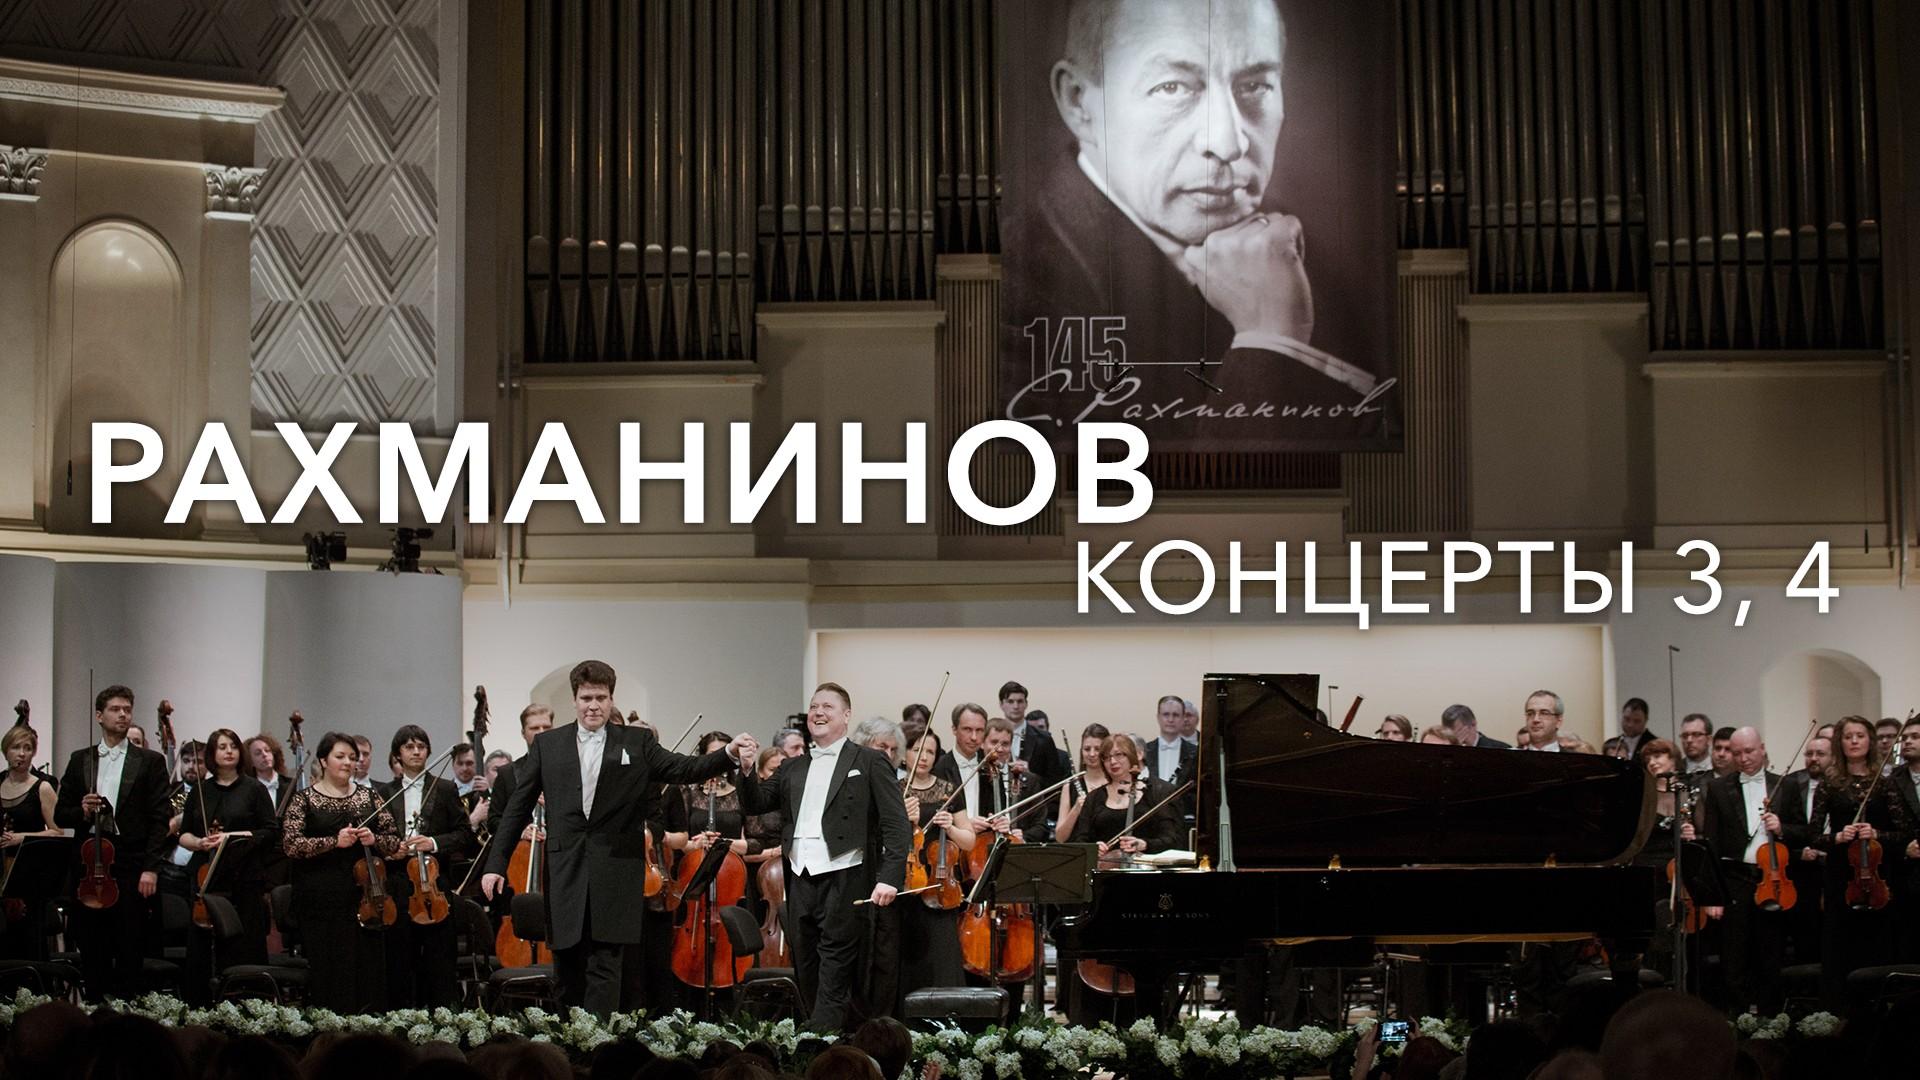 Рахманинов, Концерты 3, 4. Денис Мацуев, Государственный академический симфонический оркестр